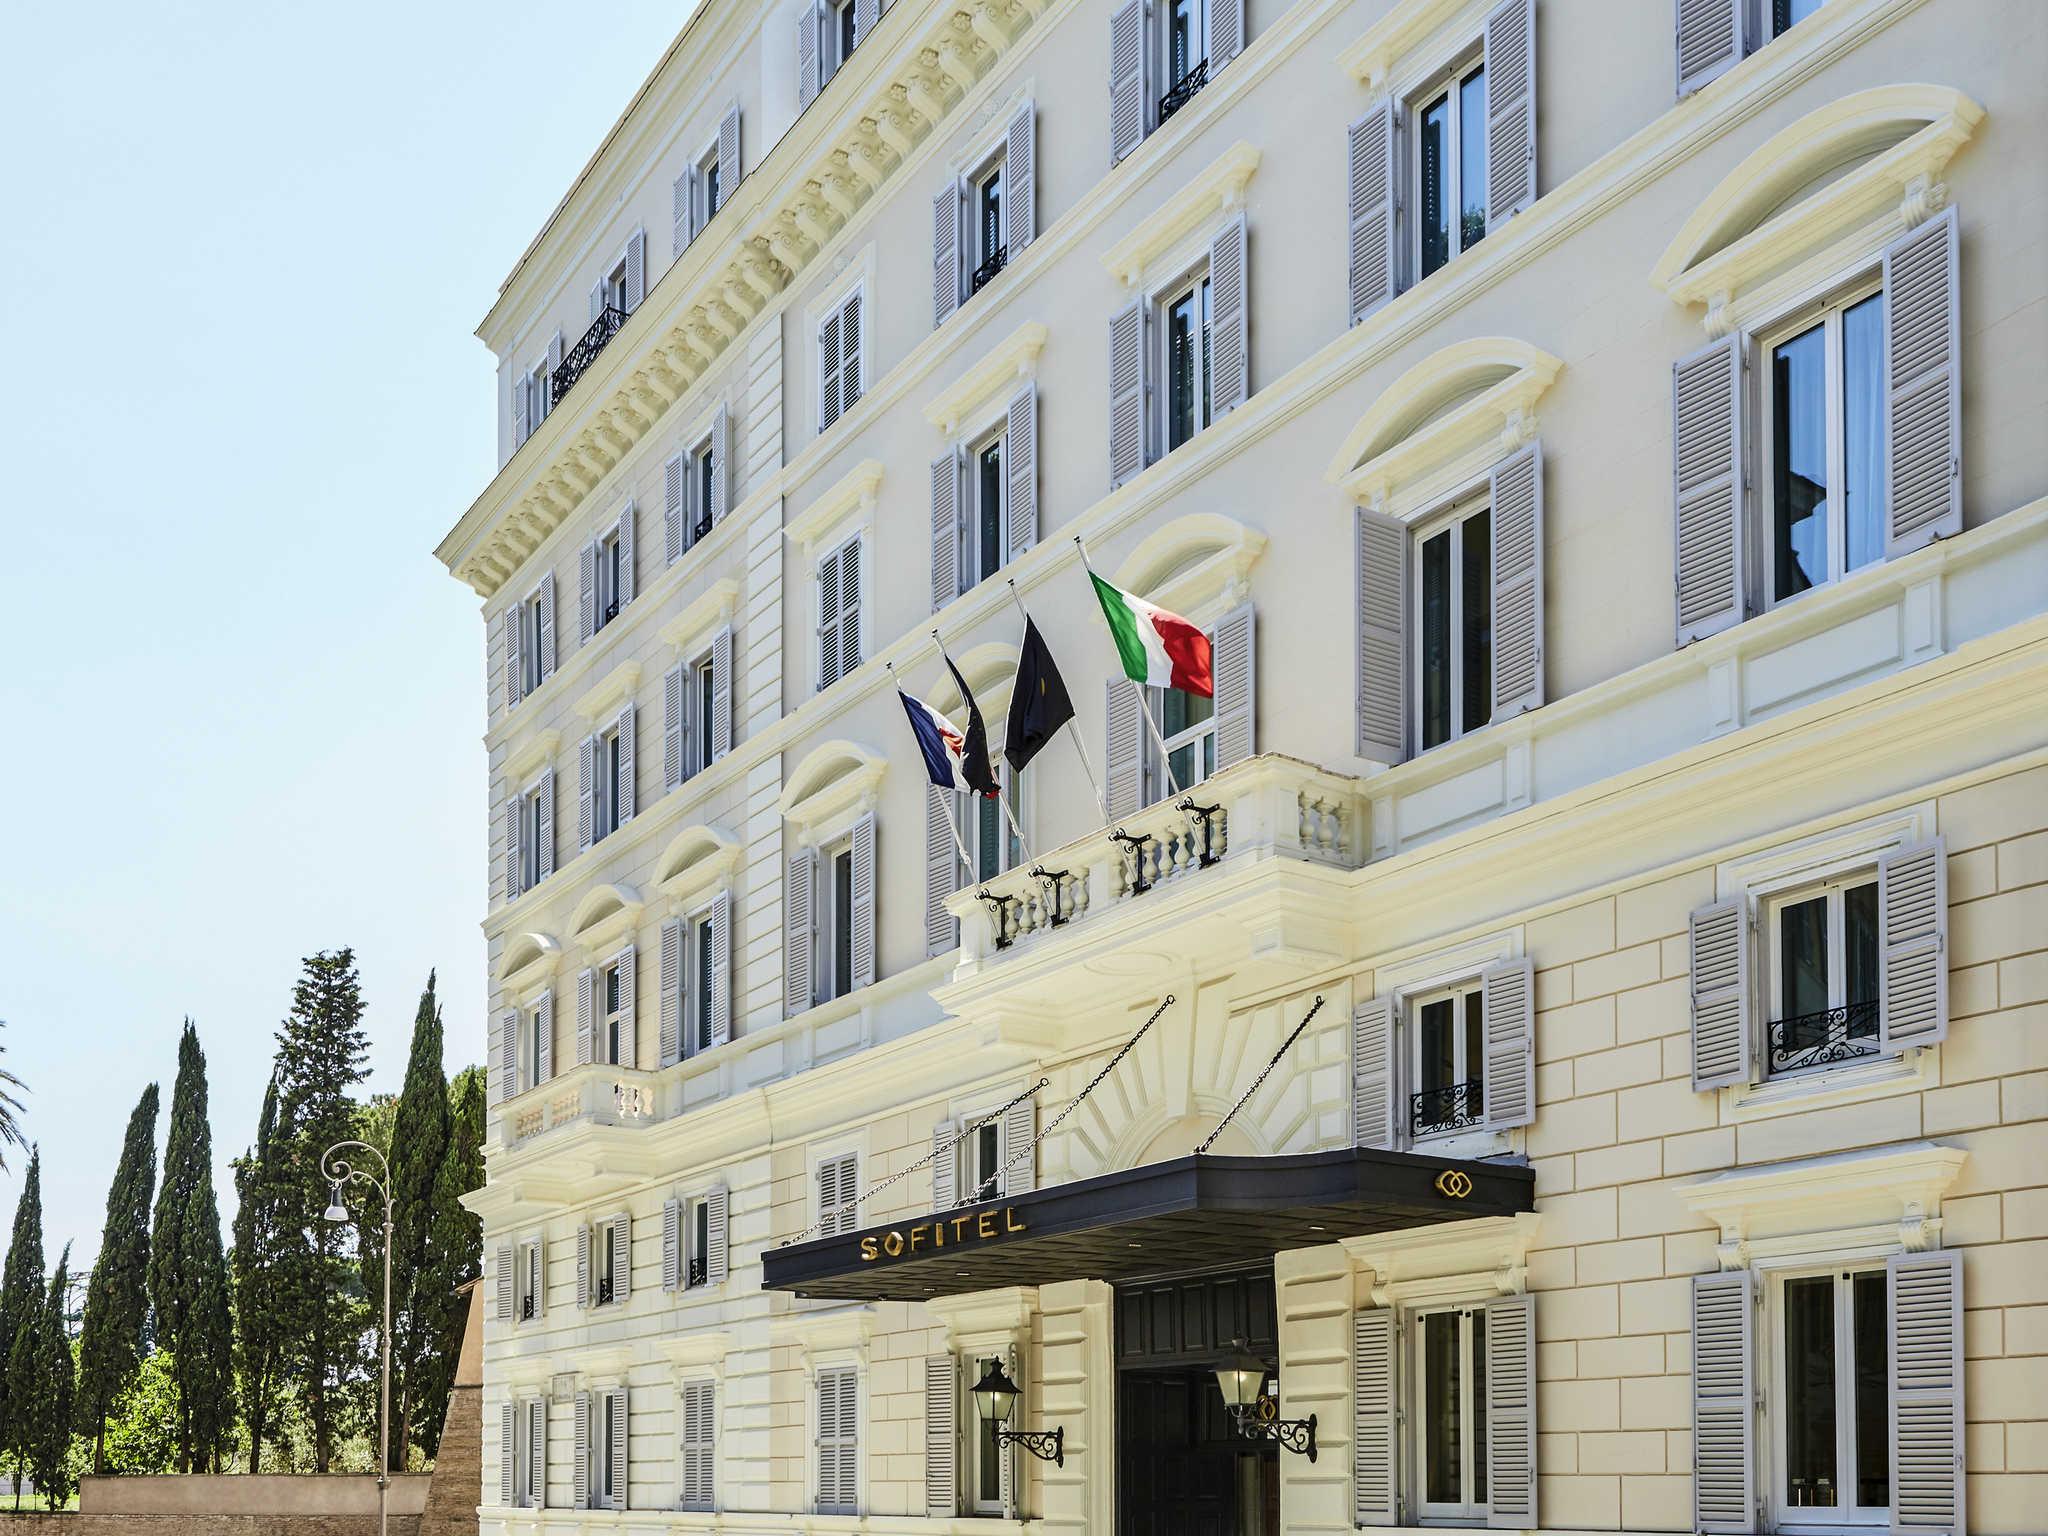 Hotel - Sofitel Rome (total refurbishment